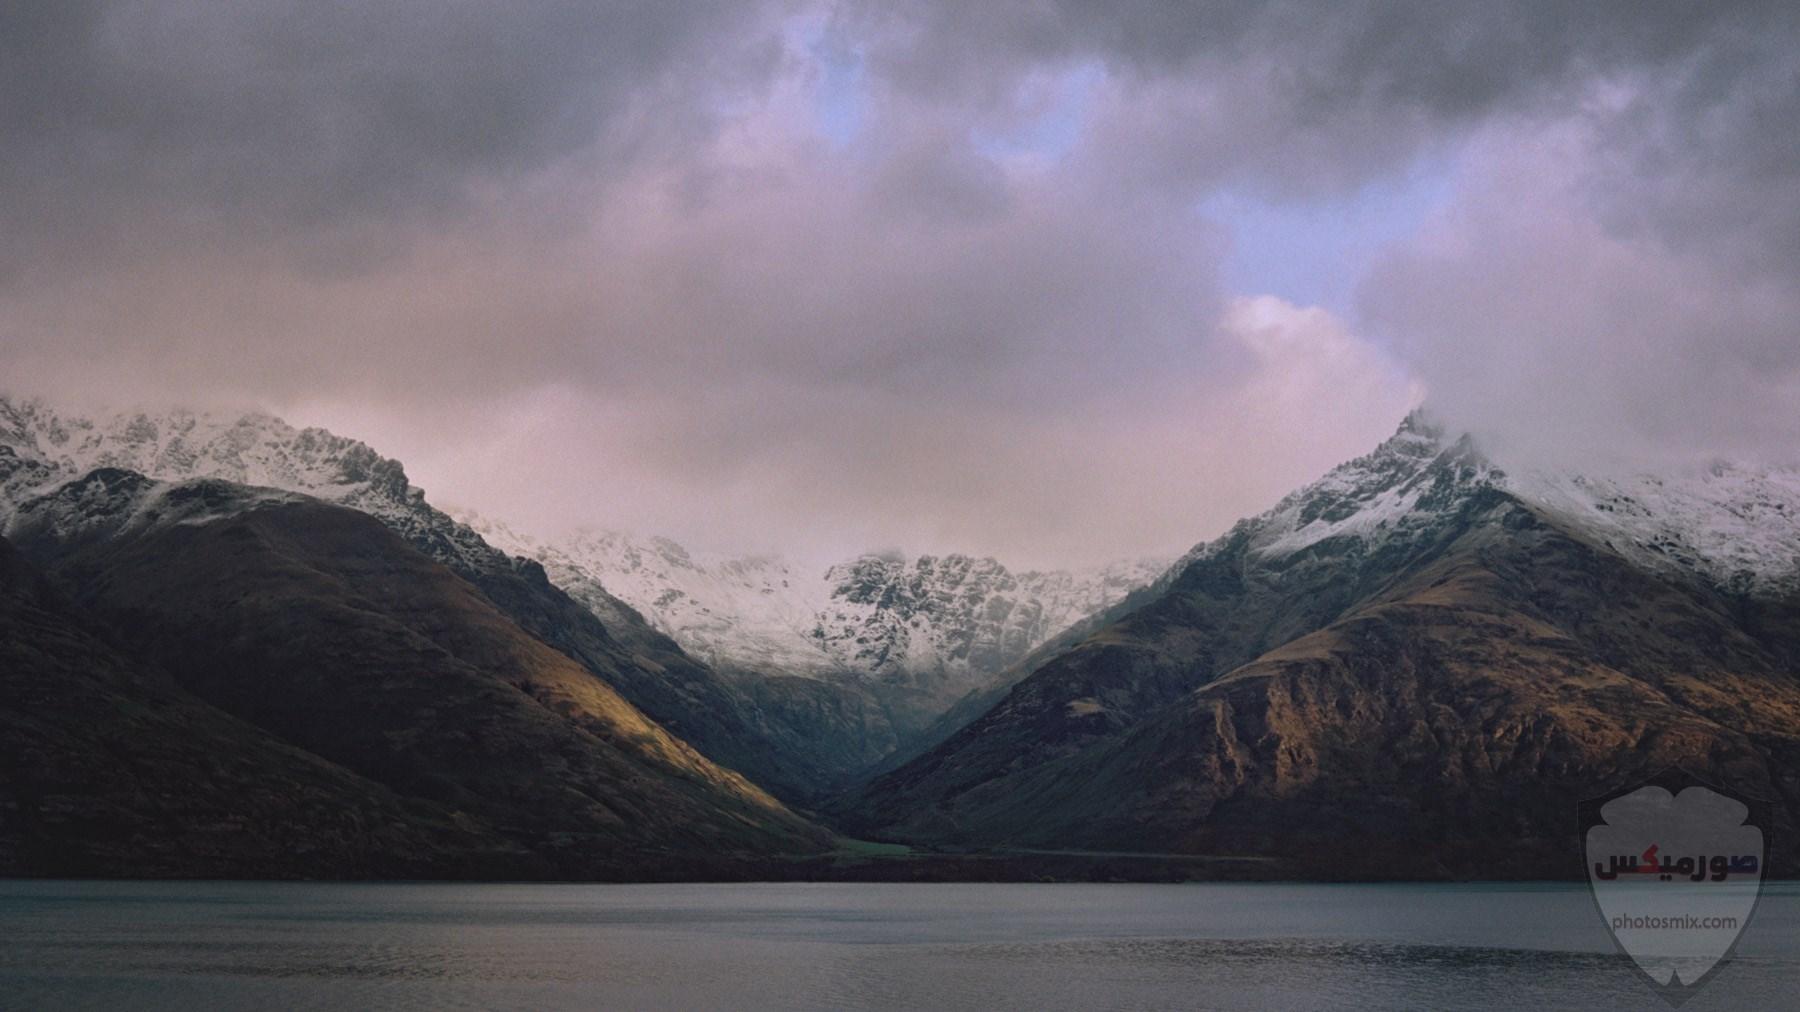 غروب هادئ الجبال والمياه تحميل PNG ، الغروب كن هادئا الجبل ناقلات الفنون ، ملفات PSD والخلفية 1